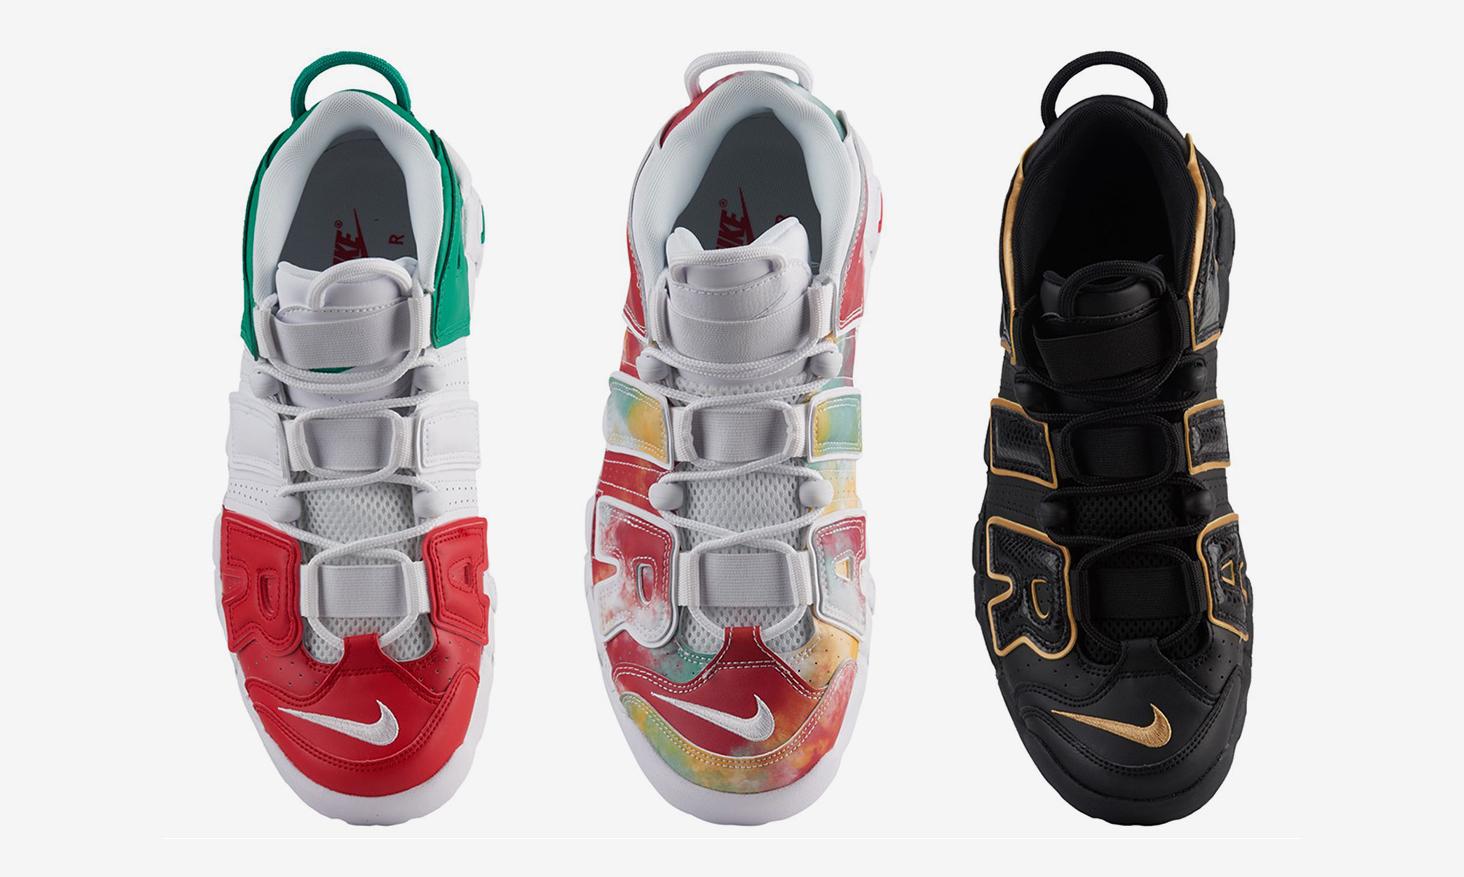 三都会集结,Nike Air More Uptempo 欧洲城市限定配色预览